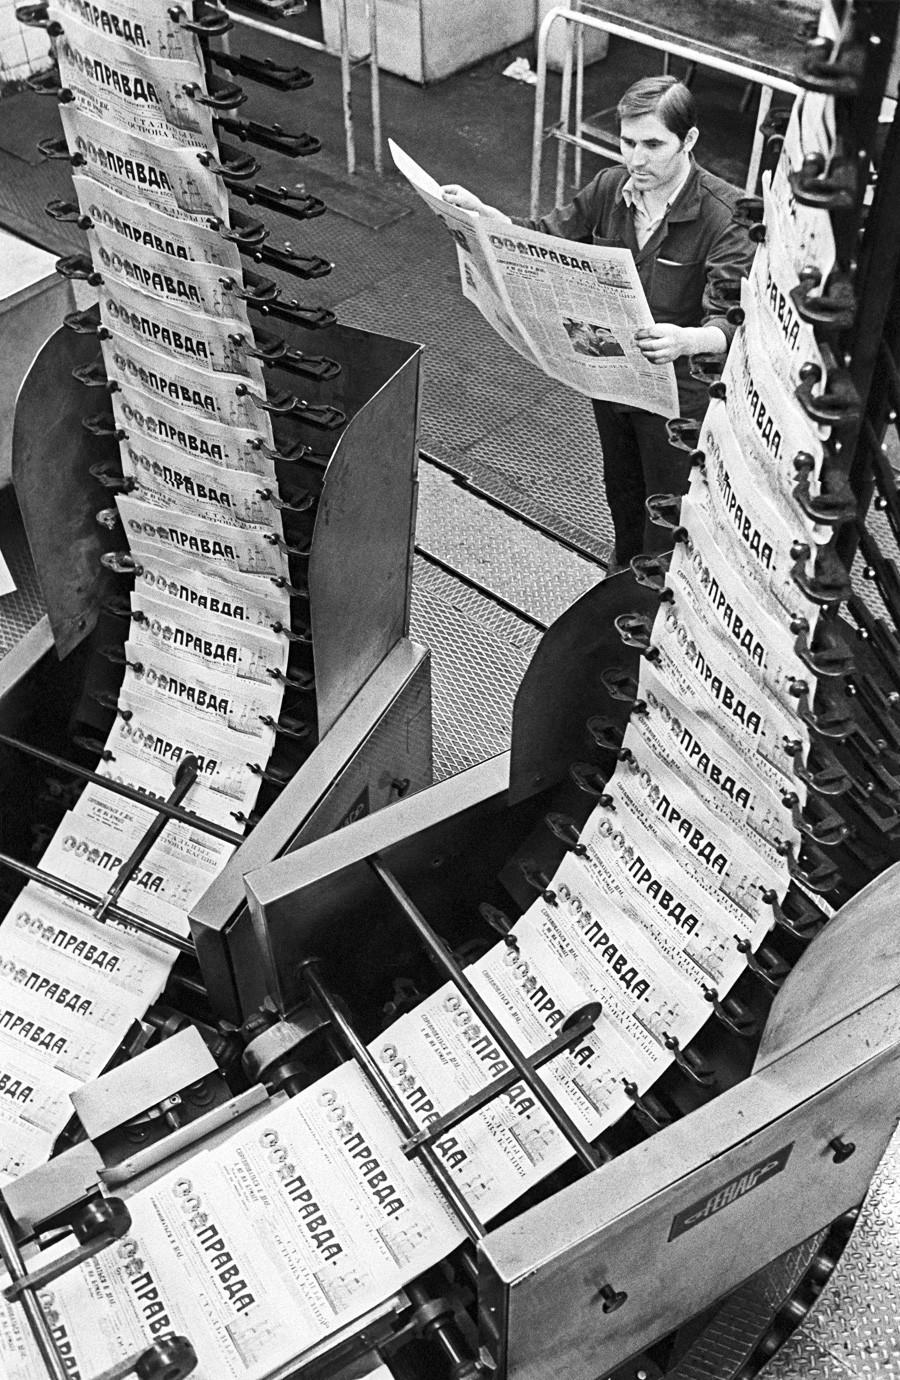 Jornais Pravda recém-impressos, em 1987